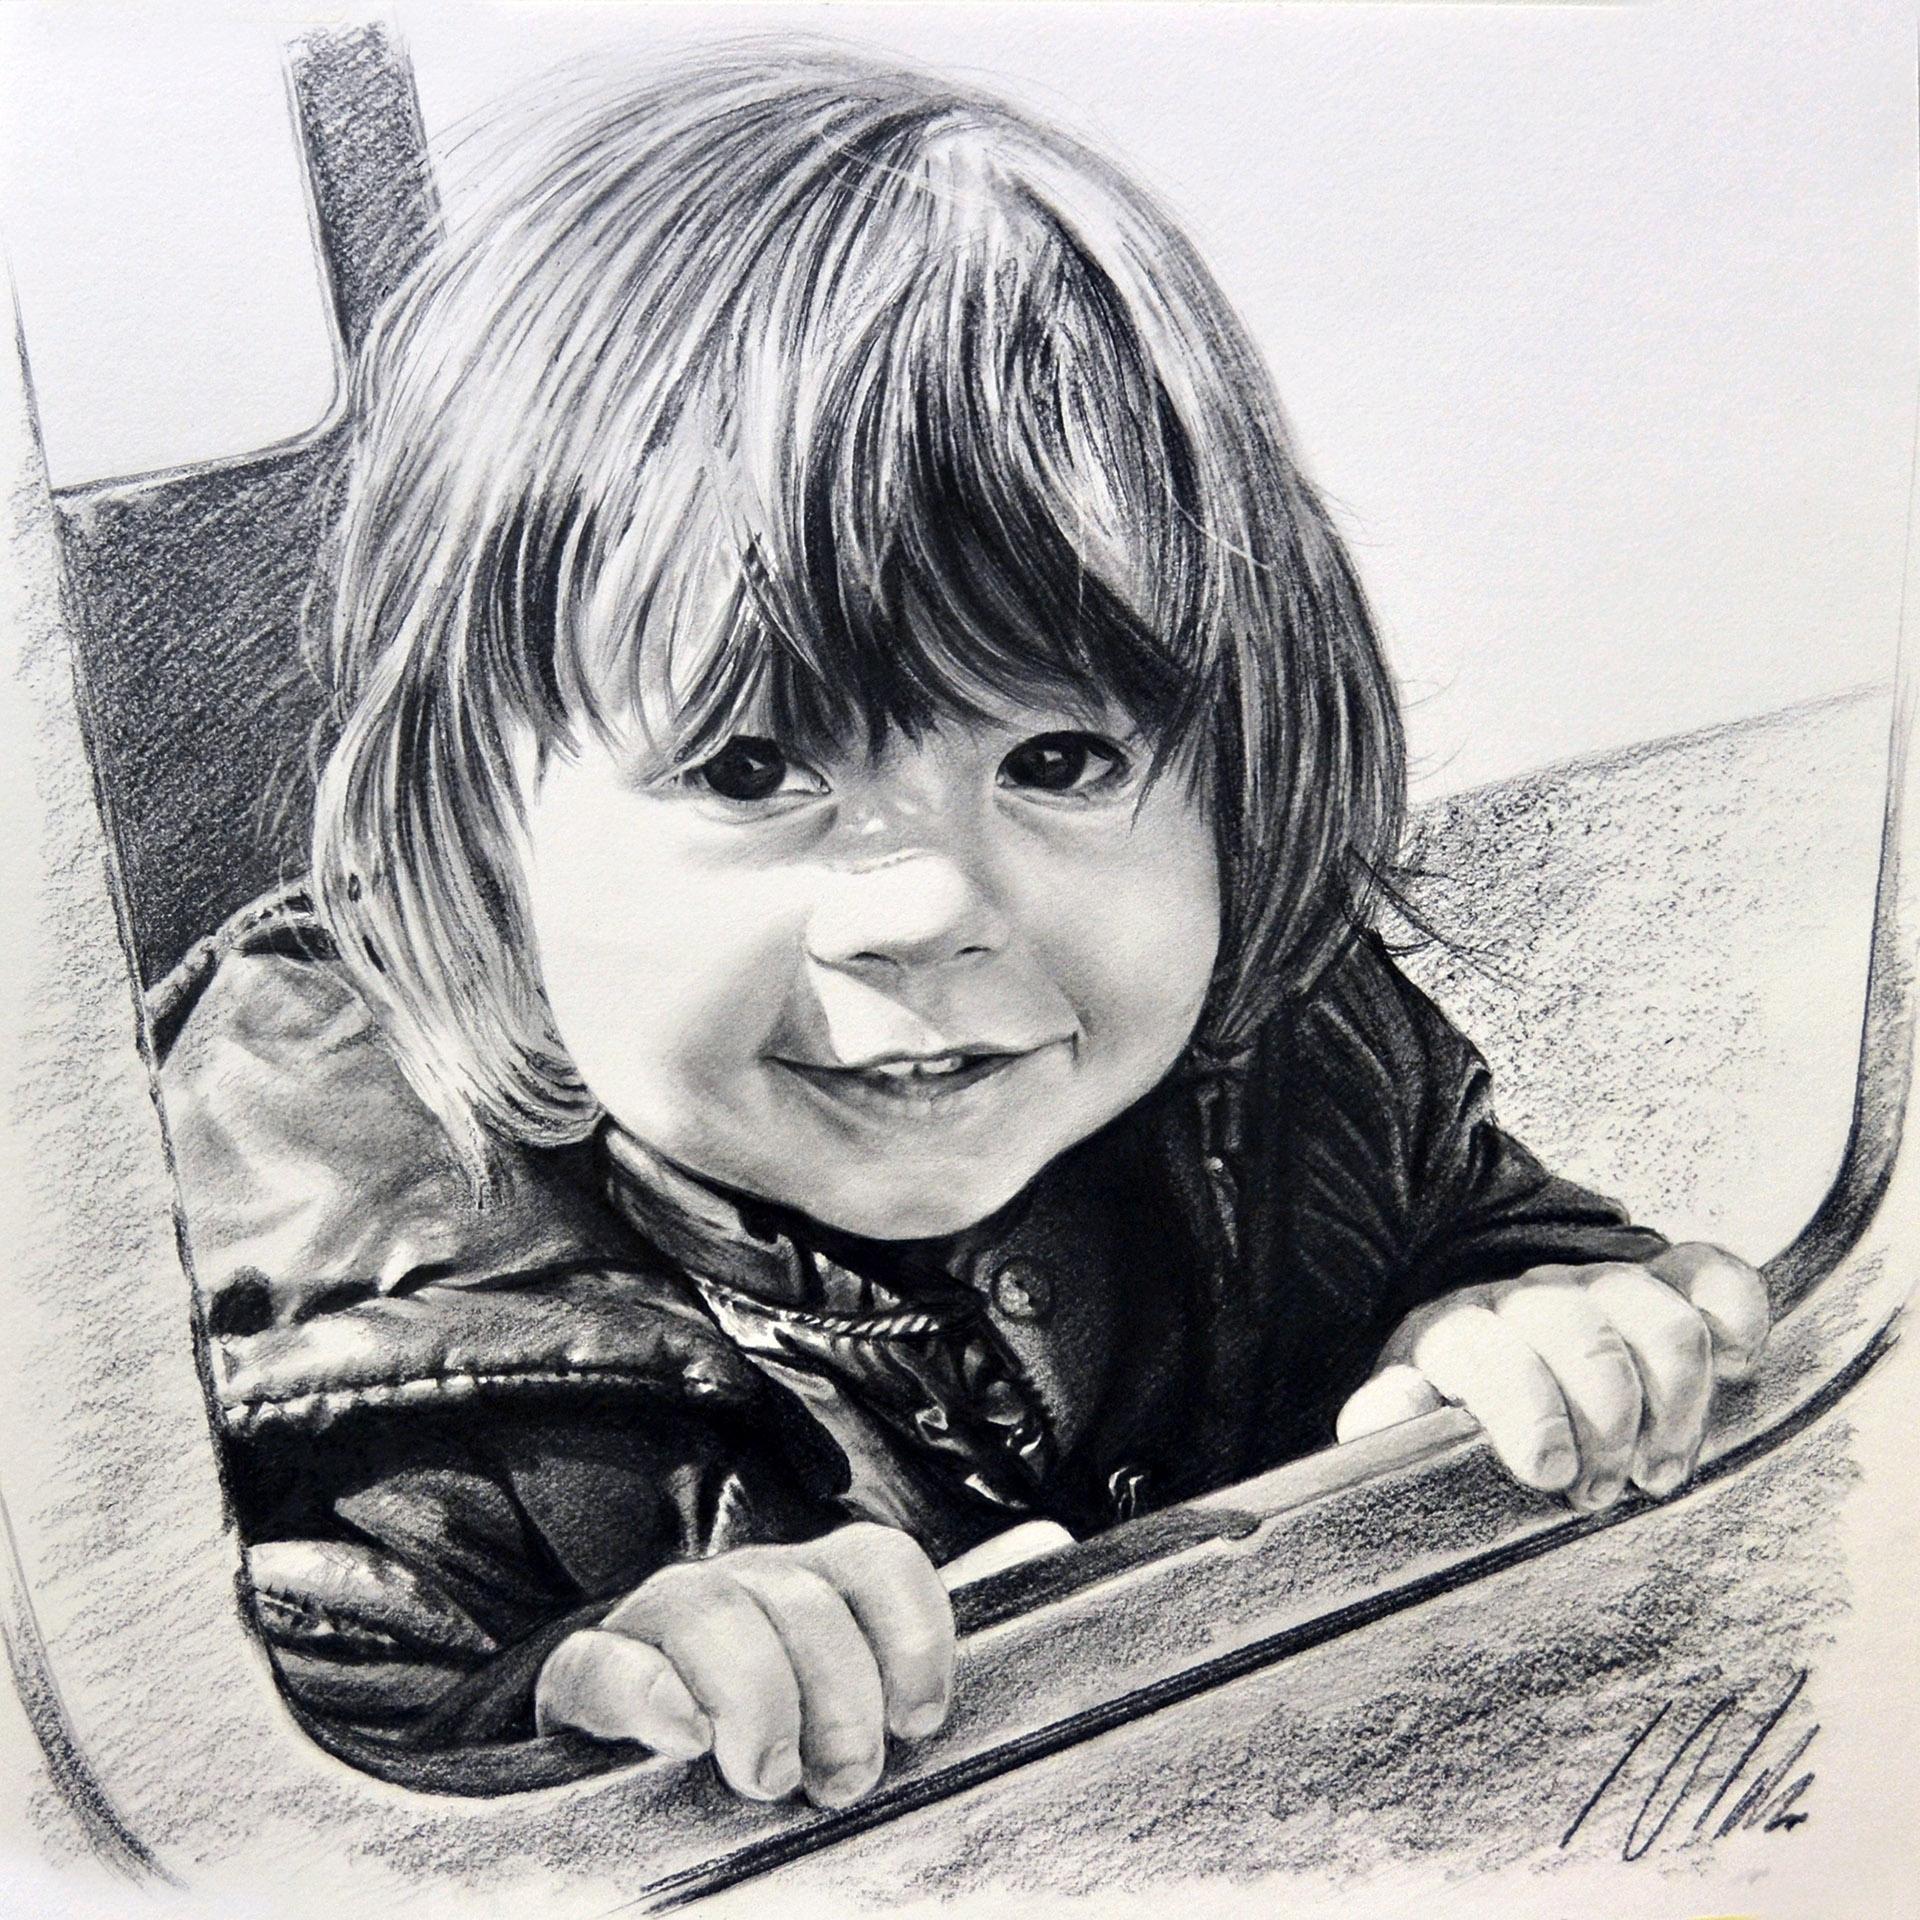 Daniela. Retrato en grafito, 35 x 35 cm. Javier Olmedo